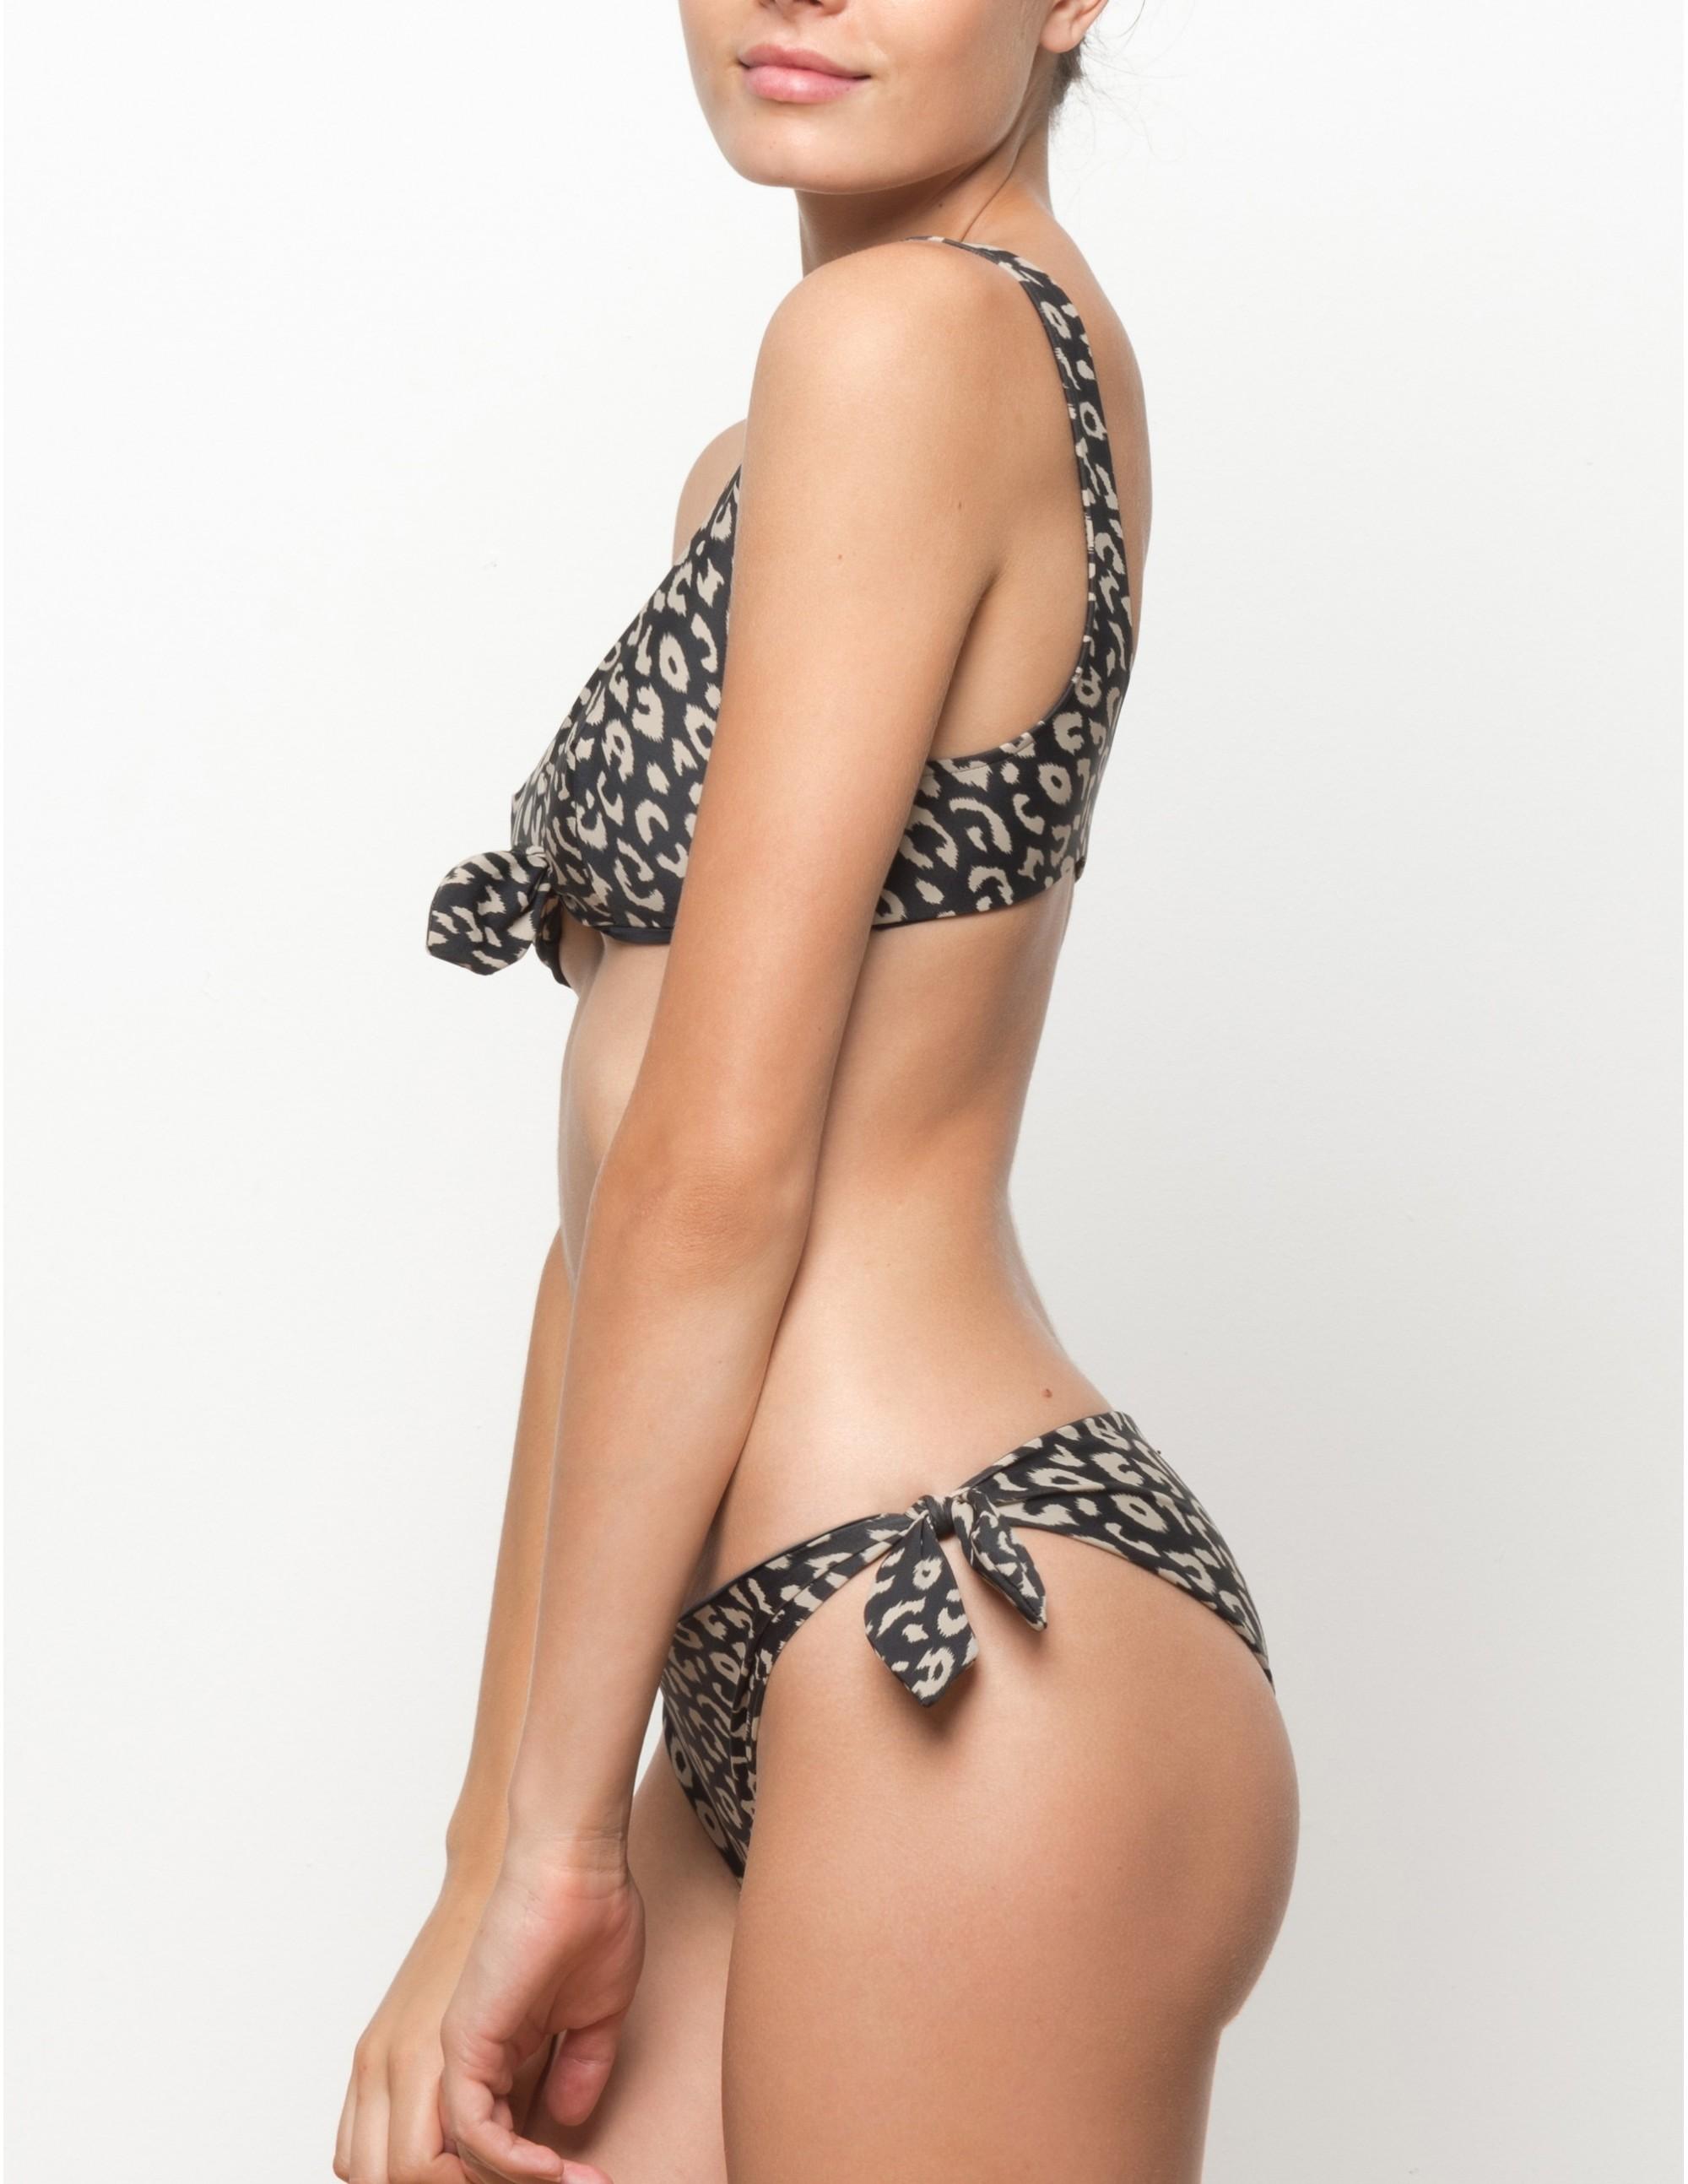 MISALI bikini top - LEOPARD